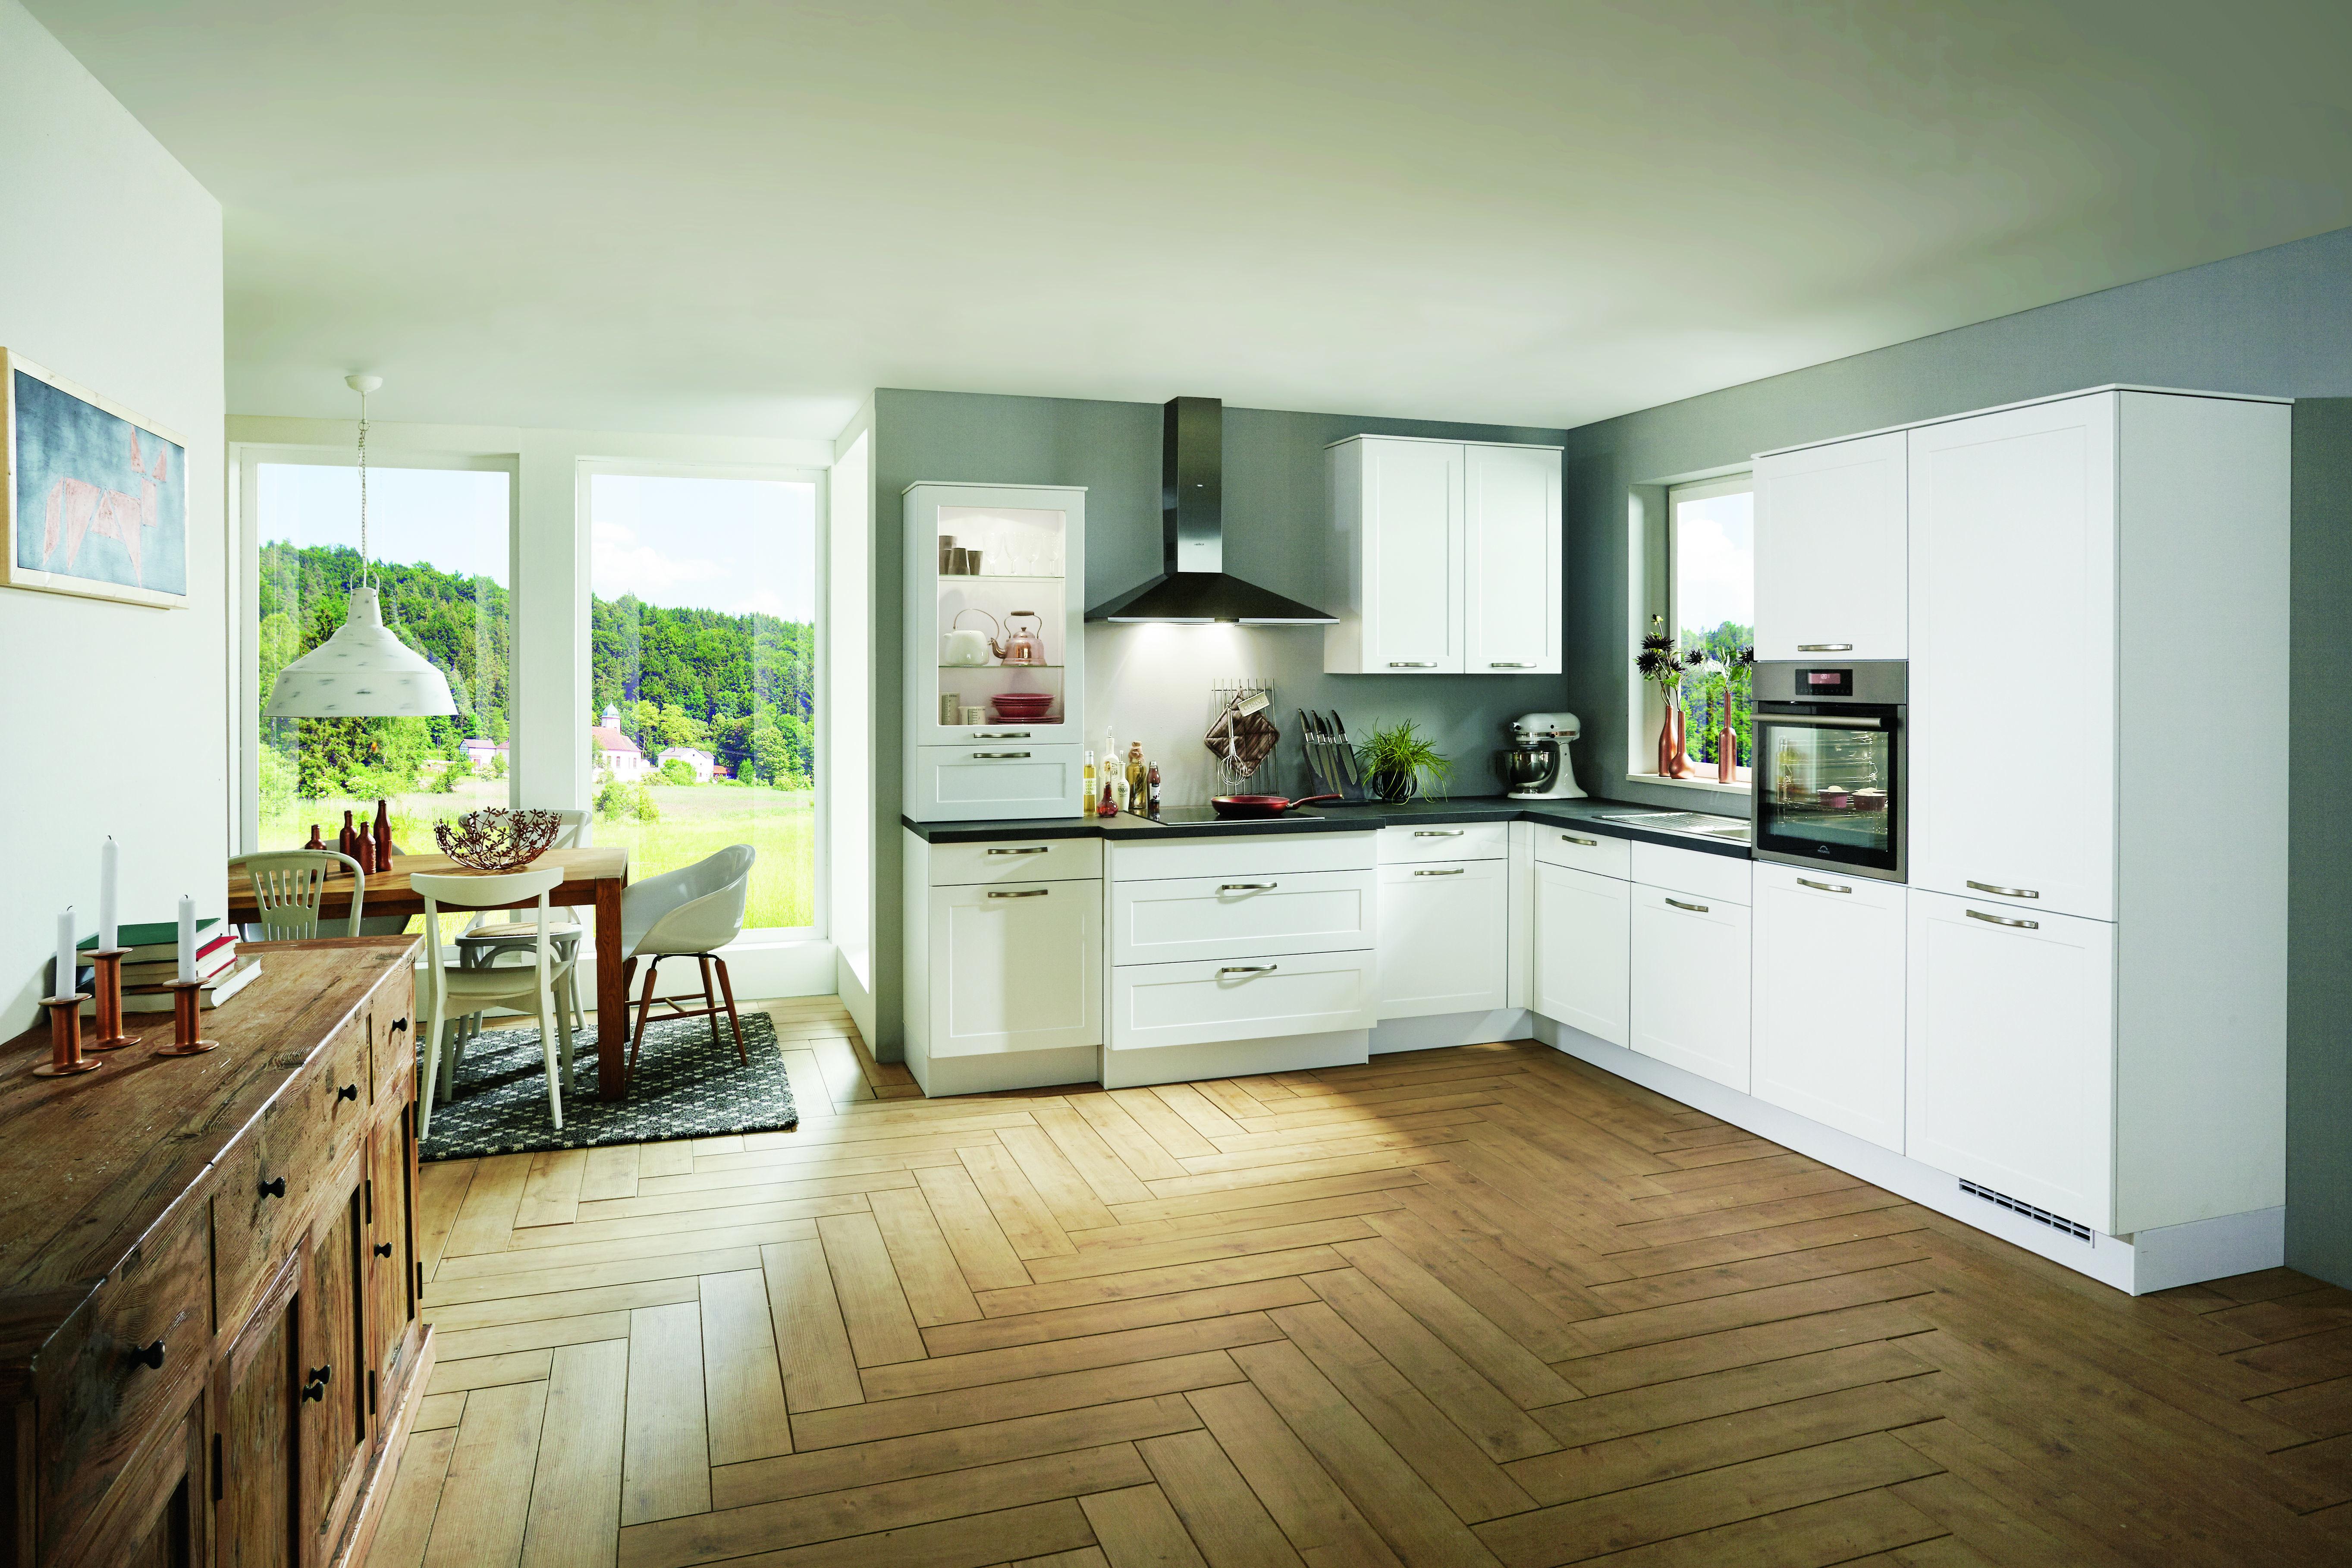 Berühmt Küchenboden: Welcher Belag eignet sich für die Küche? KK91